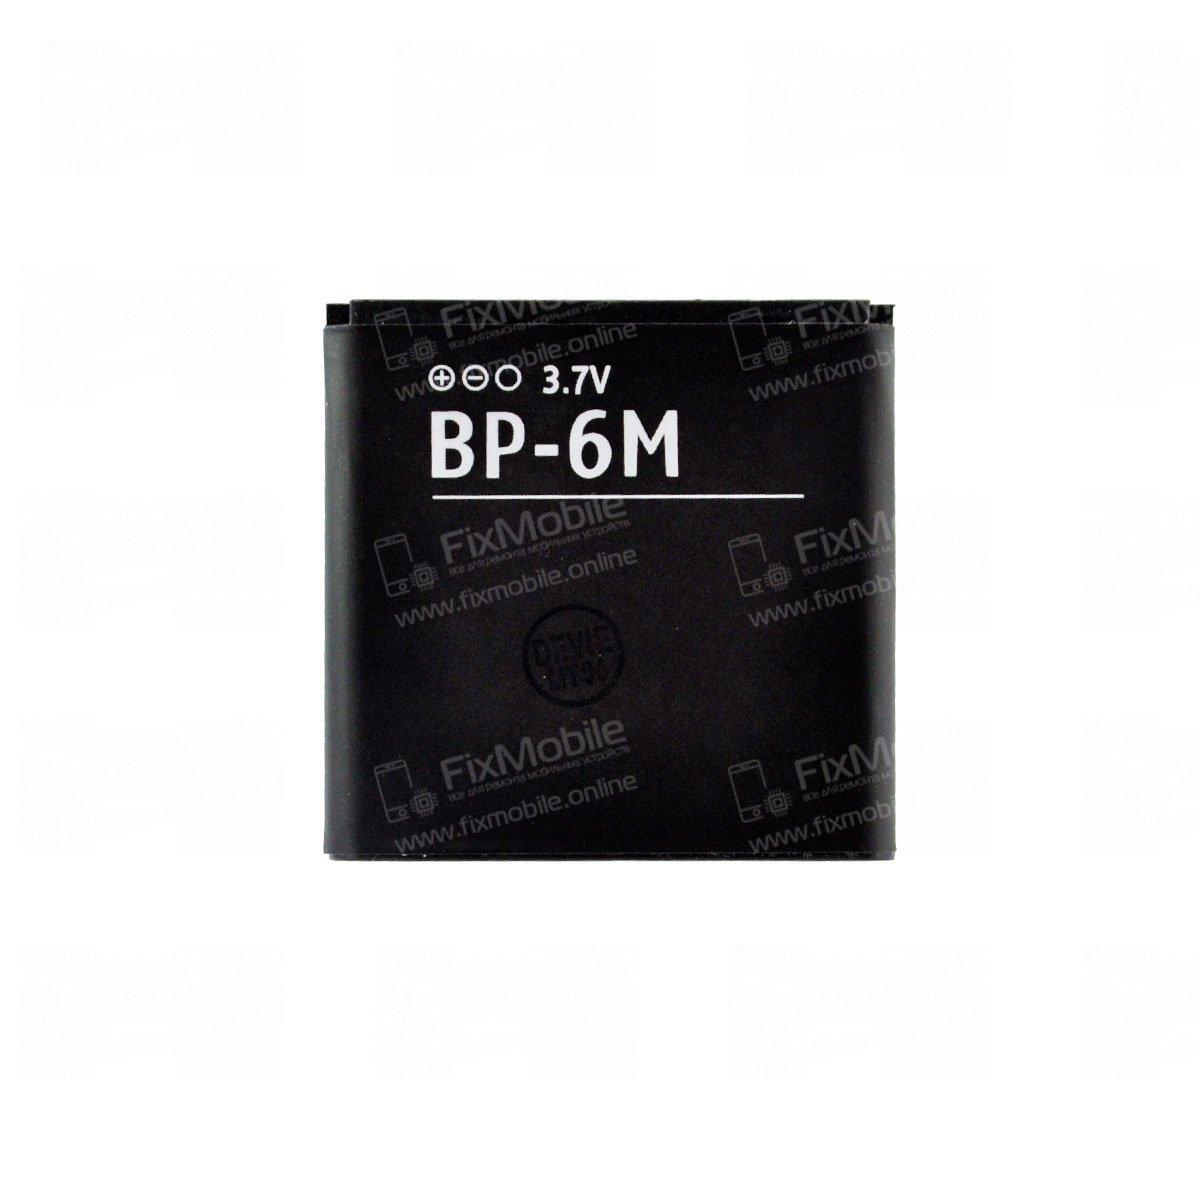 Аккумуляторная батарея для Nokia 3250 BP-6M